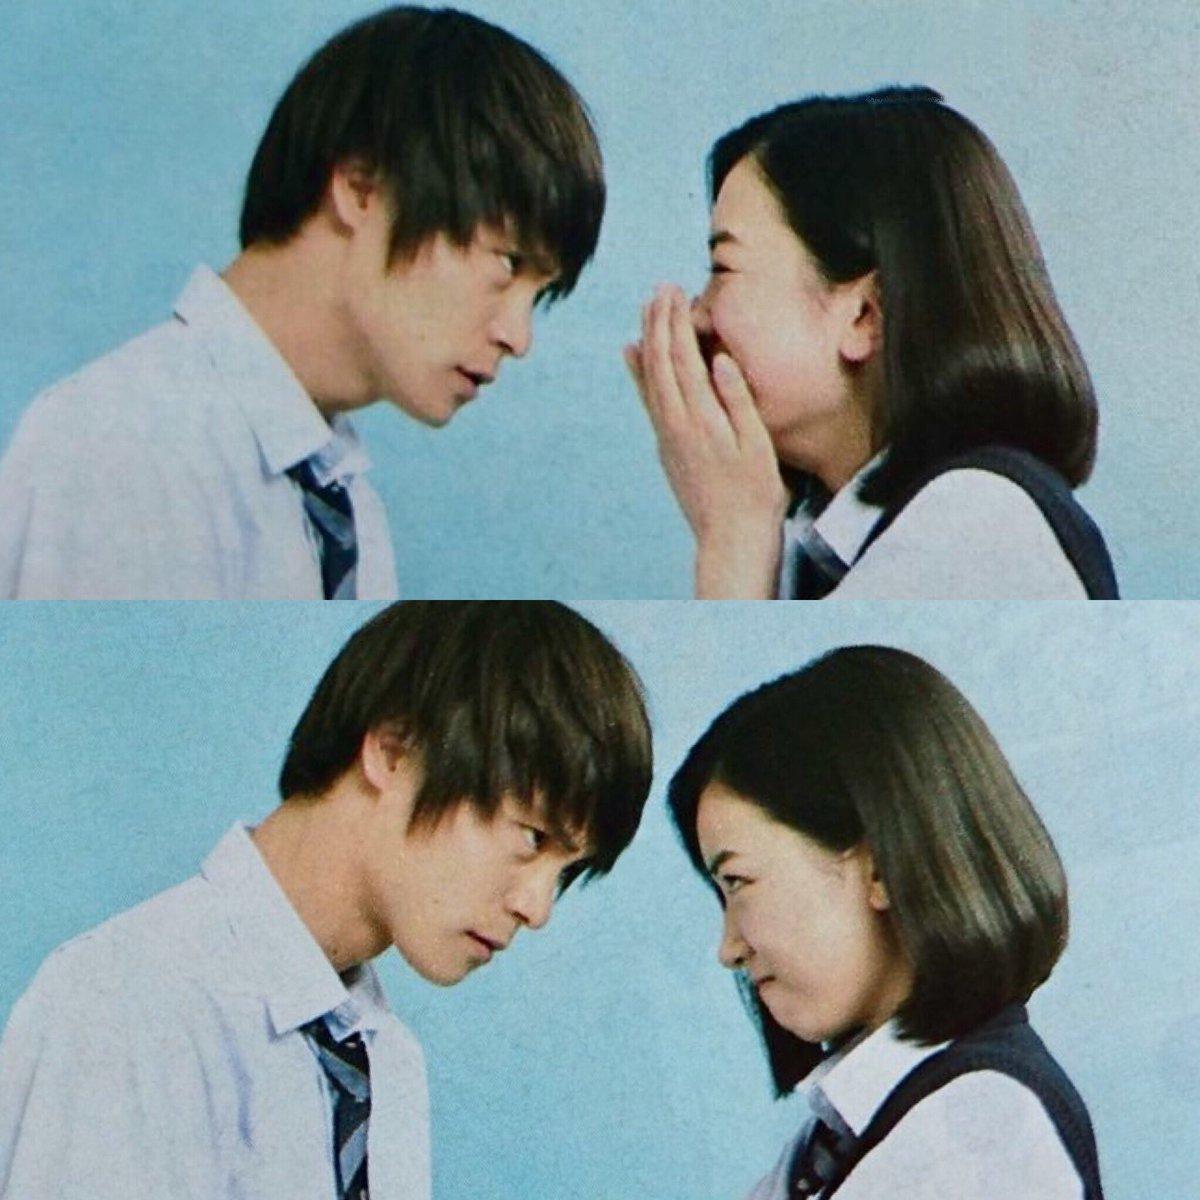 「僕たちがやりました」の蓮子と一緒の窪田正孝さん。2人の恋模様もドラマの楽しみでしたね。